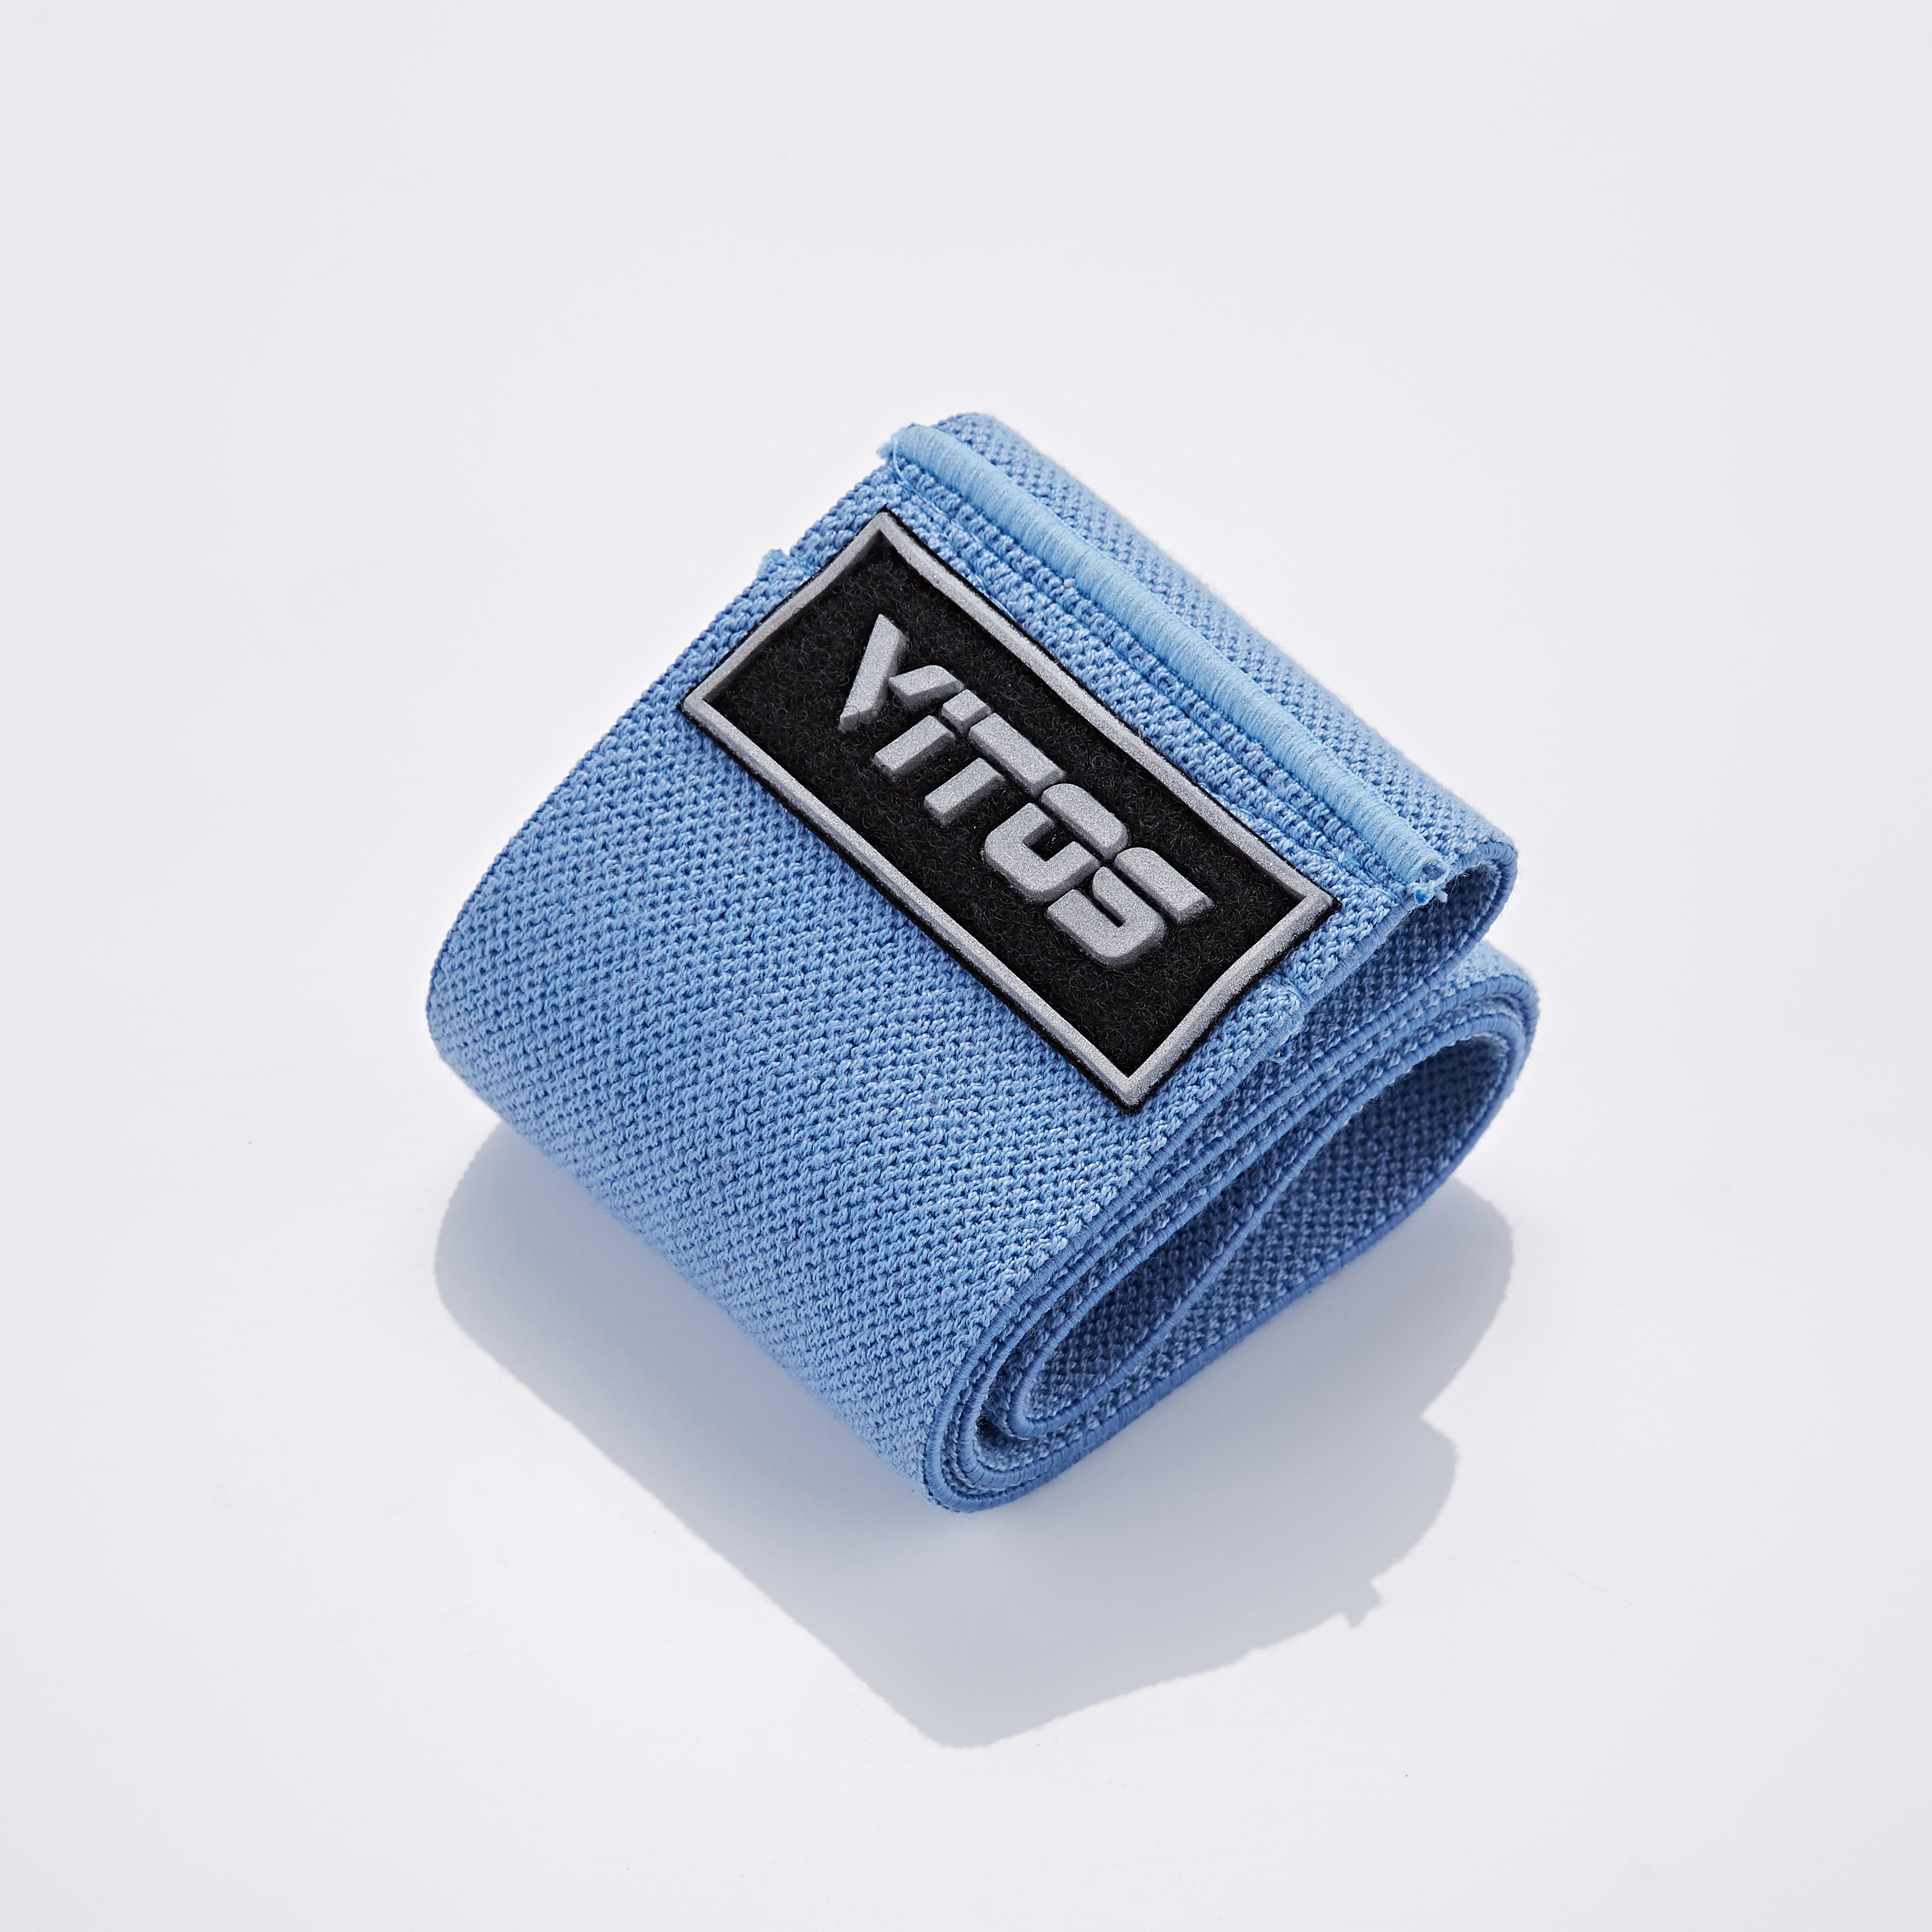 Vitos 美臀圈 翹臀圈 阻力圈 翹臀 蜜桃臀神器 深蹲阻力圈 HIP BANDS 阻力帶圈 彈力圈